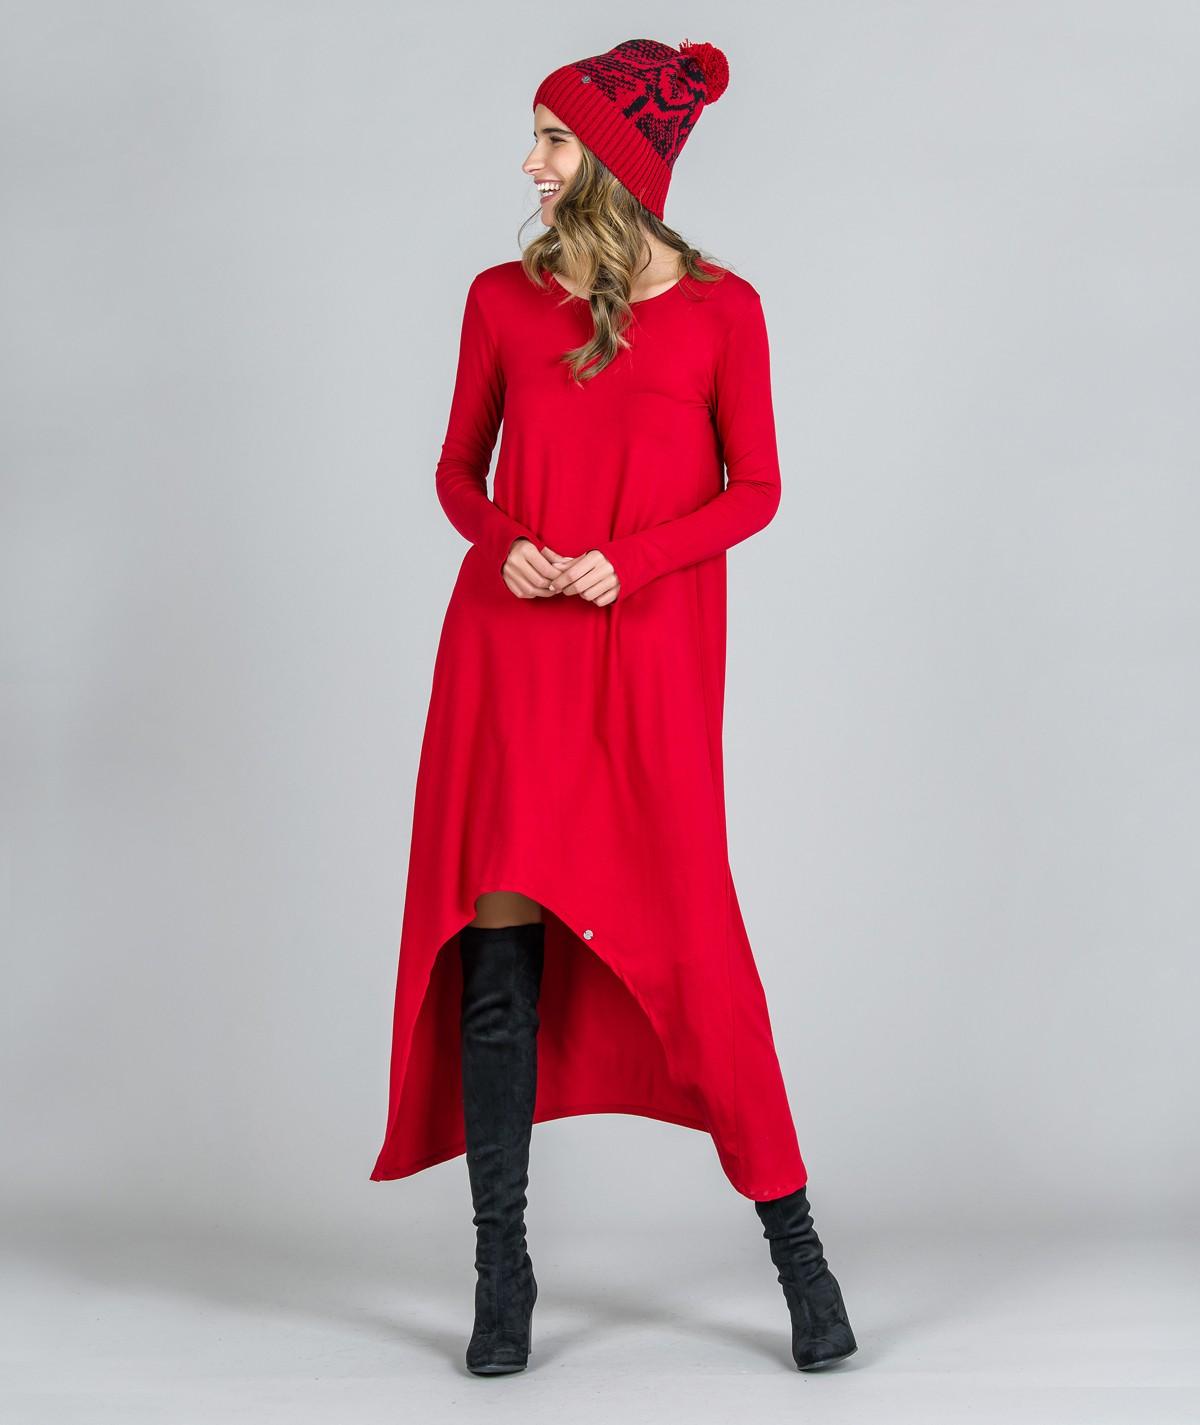 Vestido assimétrico com...